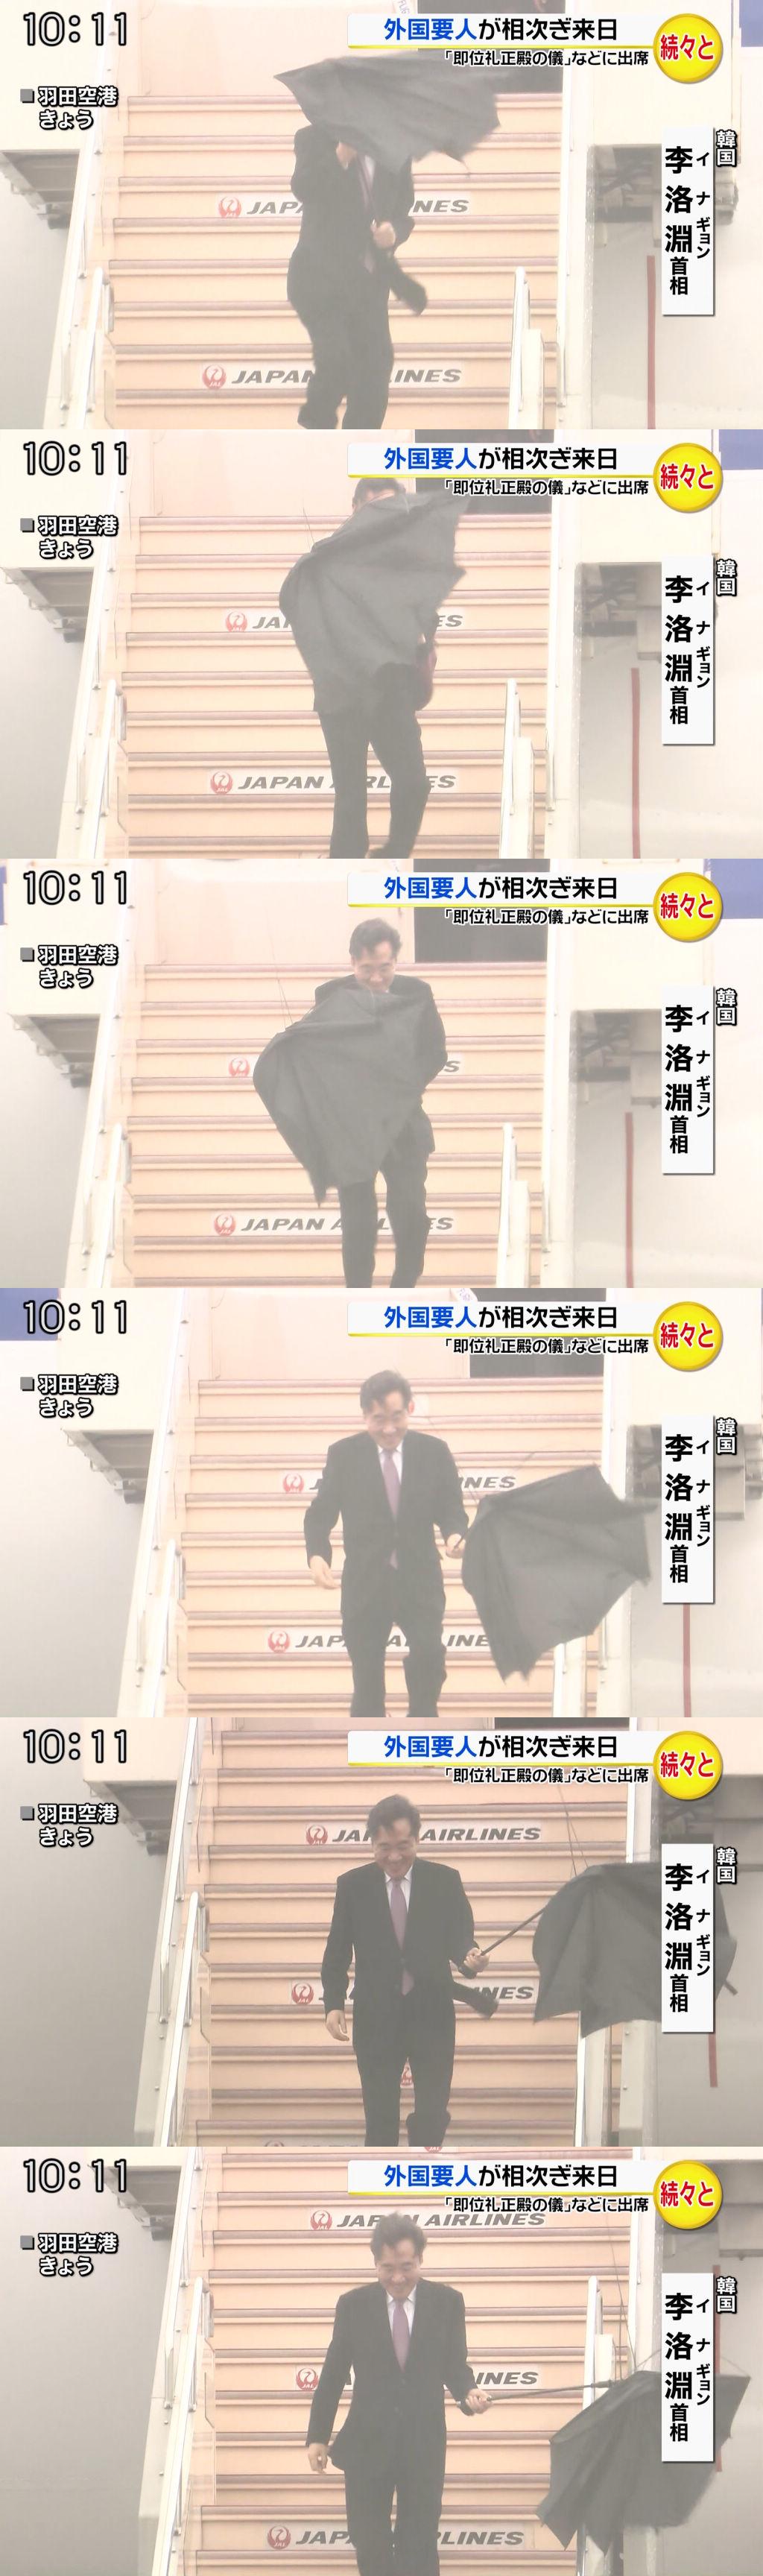 【画像】神風が吹き来日した韓国首相の傘が壊れる